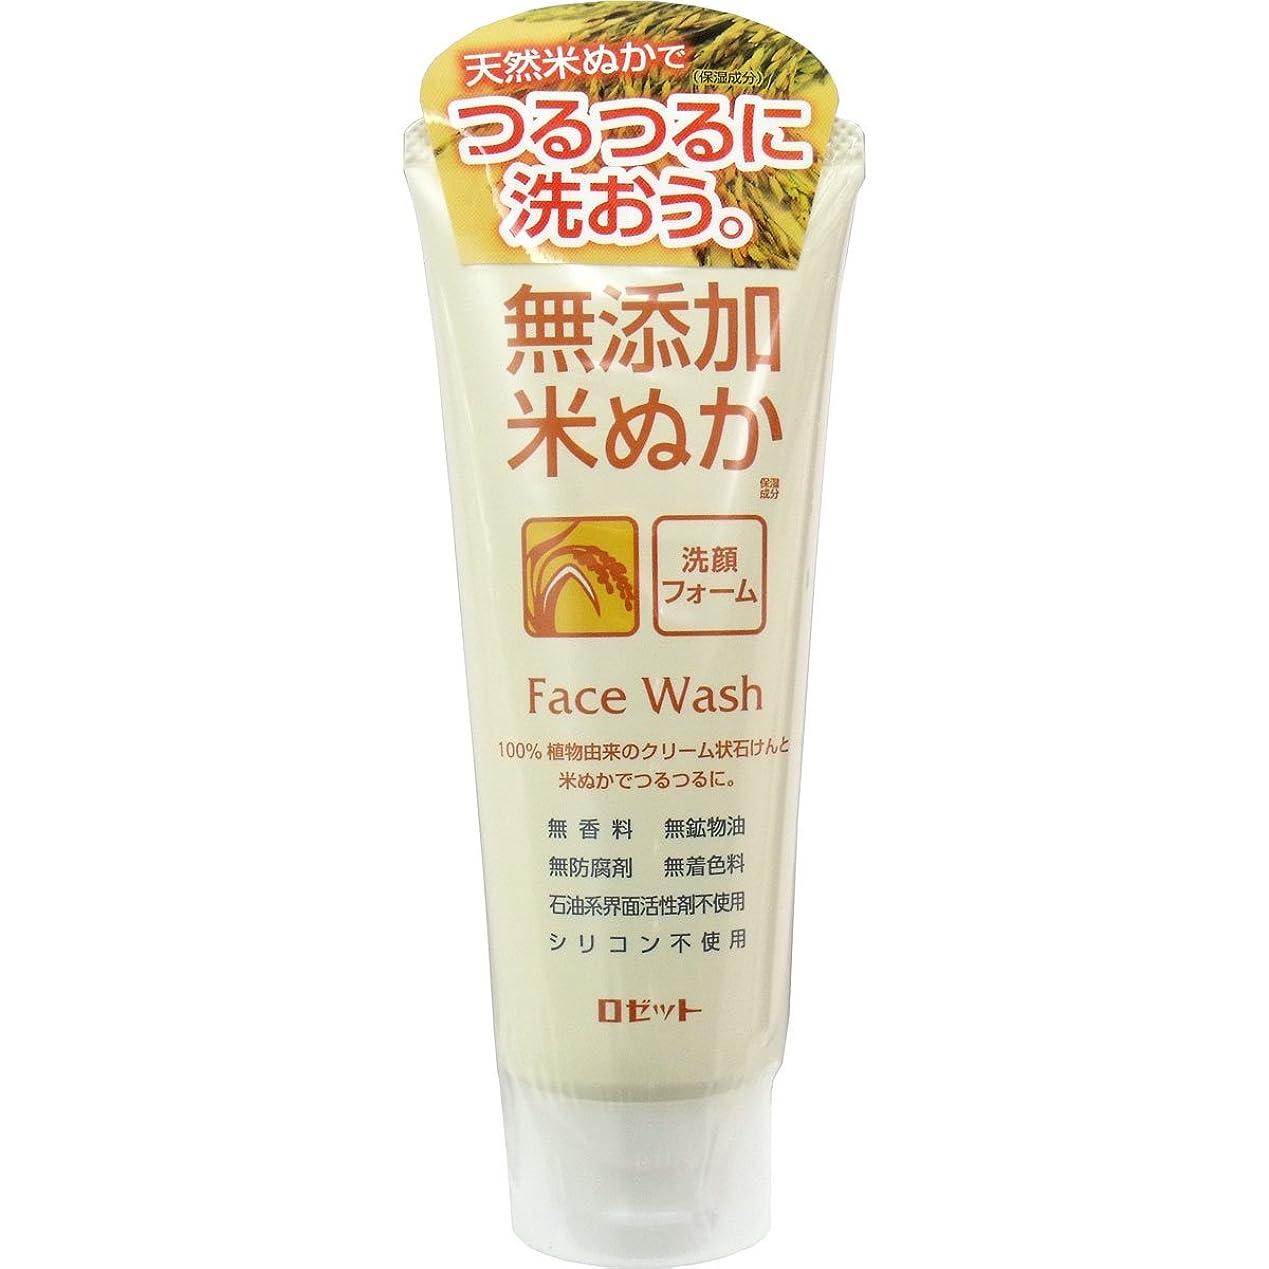 ペルメルファーザーファージュ組み合わせ【ロゼット】無添加米ぬか洗顔フォーム 140g ×5個セット